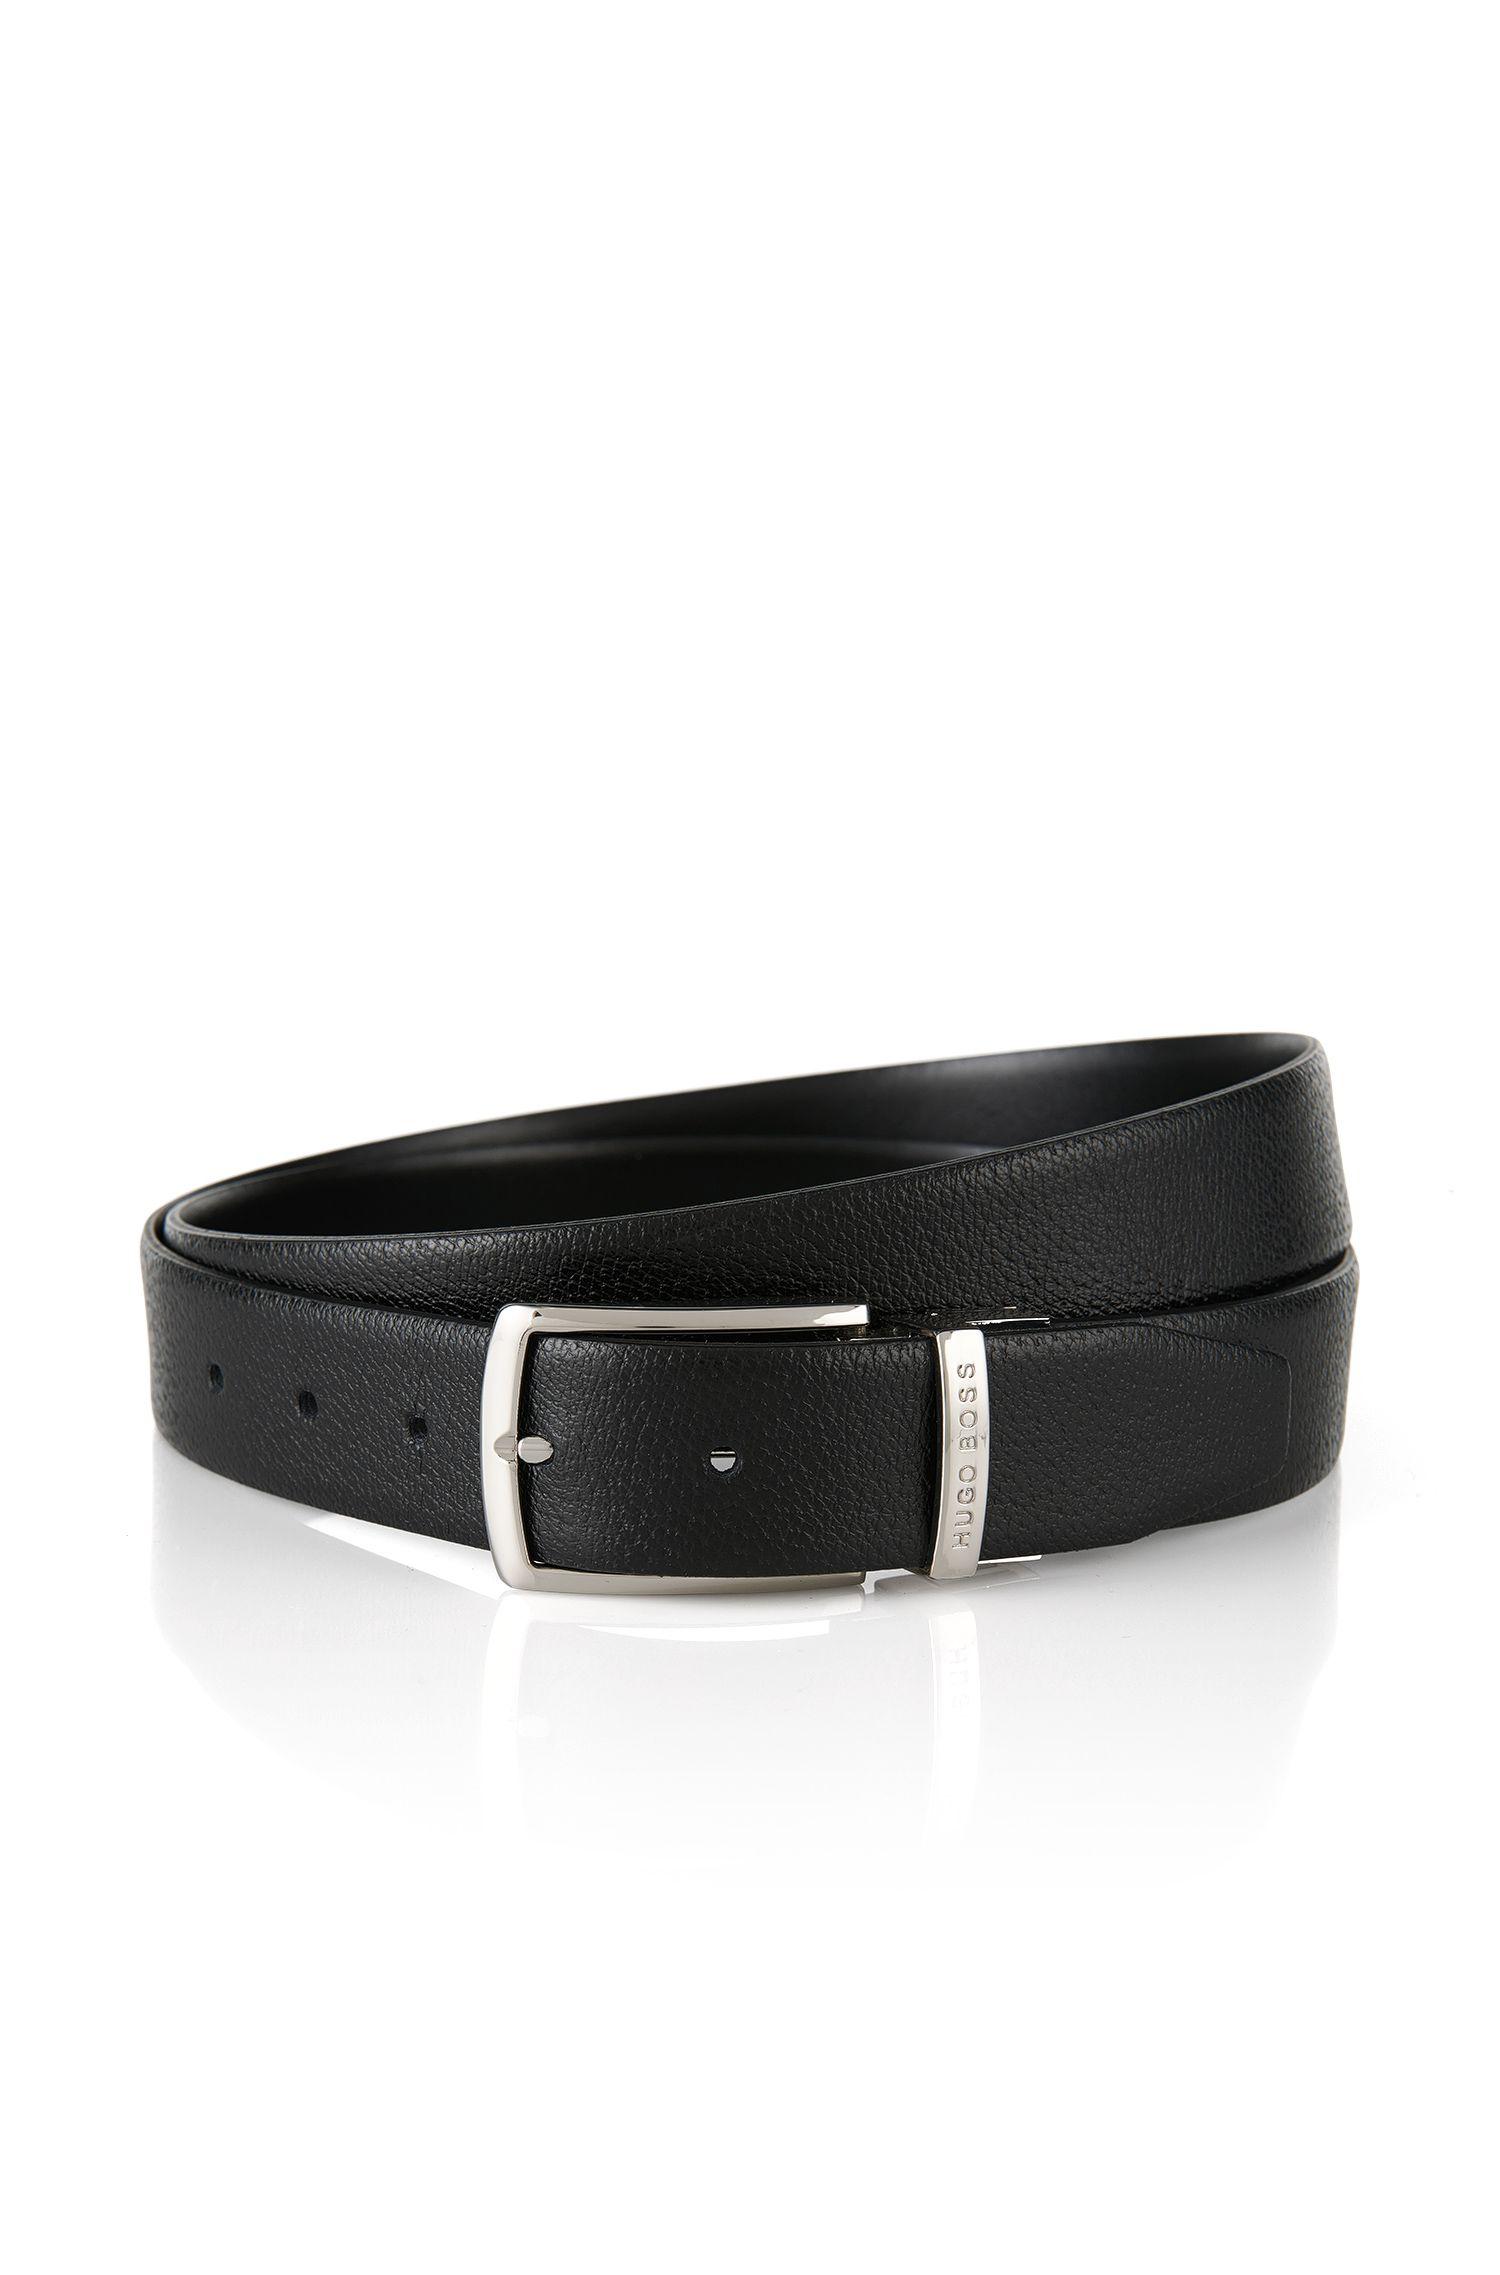 'Ocing-CN' | Italian Leather Reversible Belt